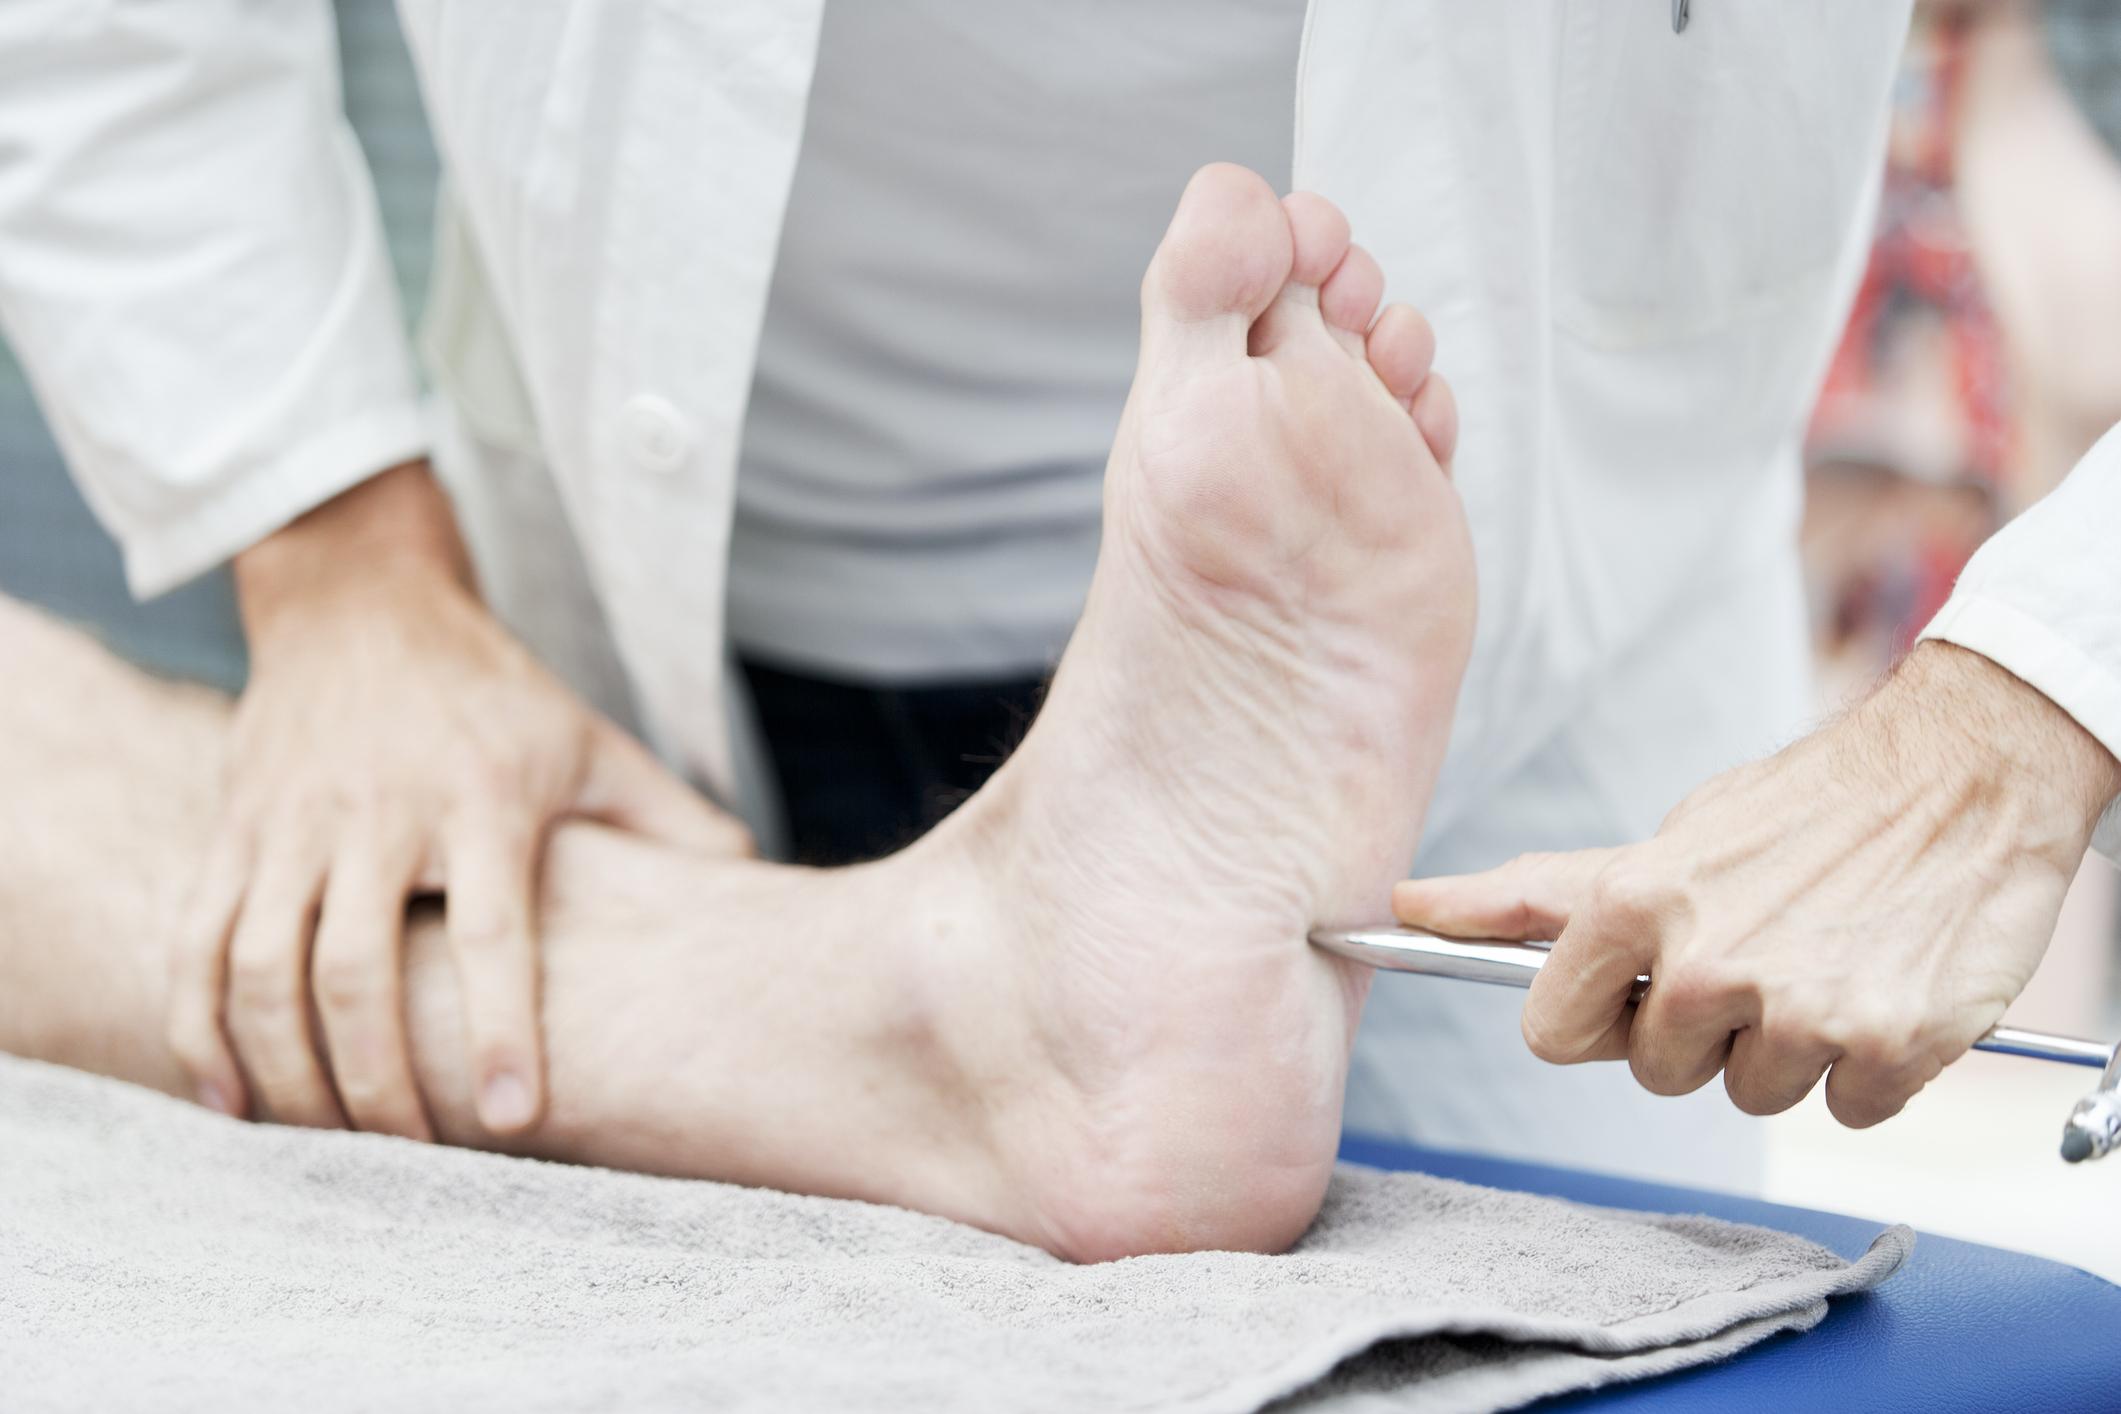 Diabetic Foot Ulcer Neuropathy Test